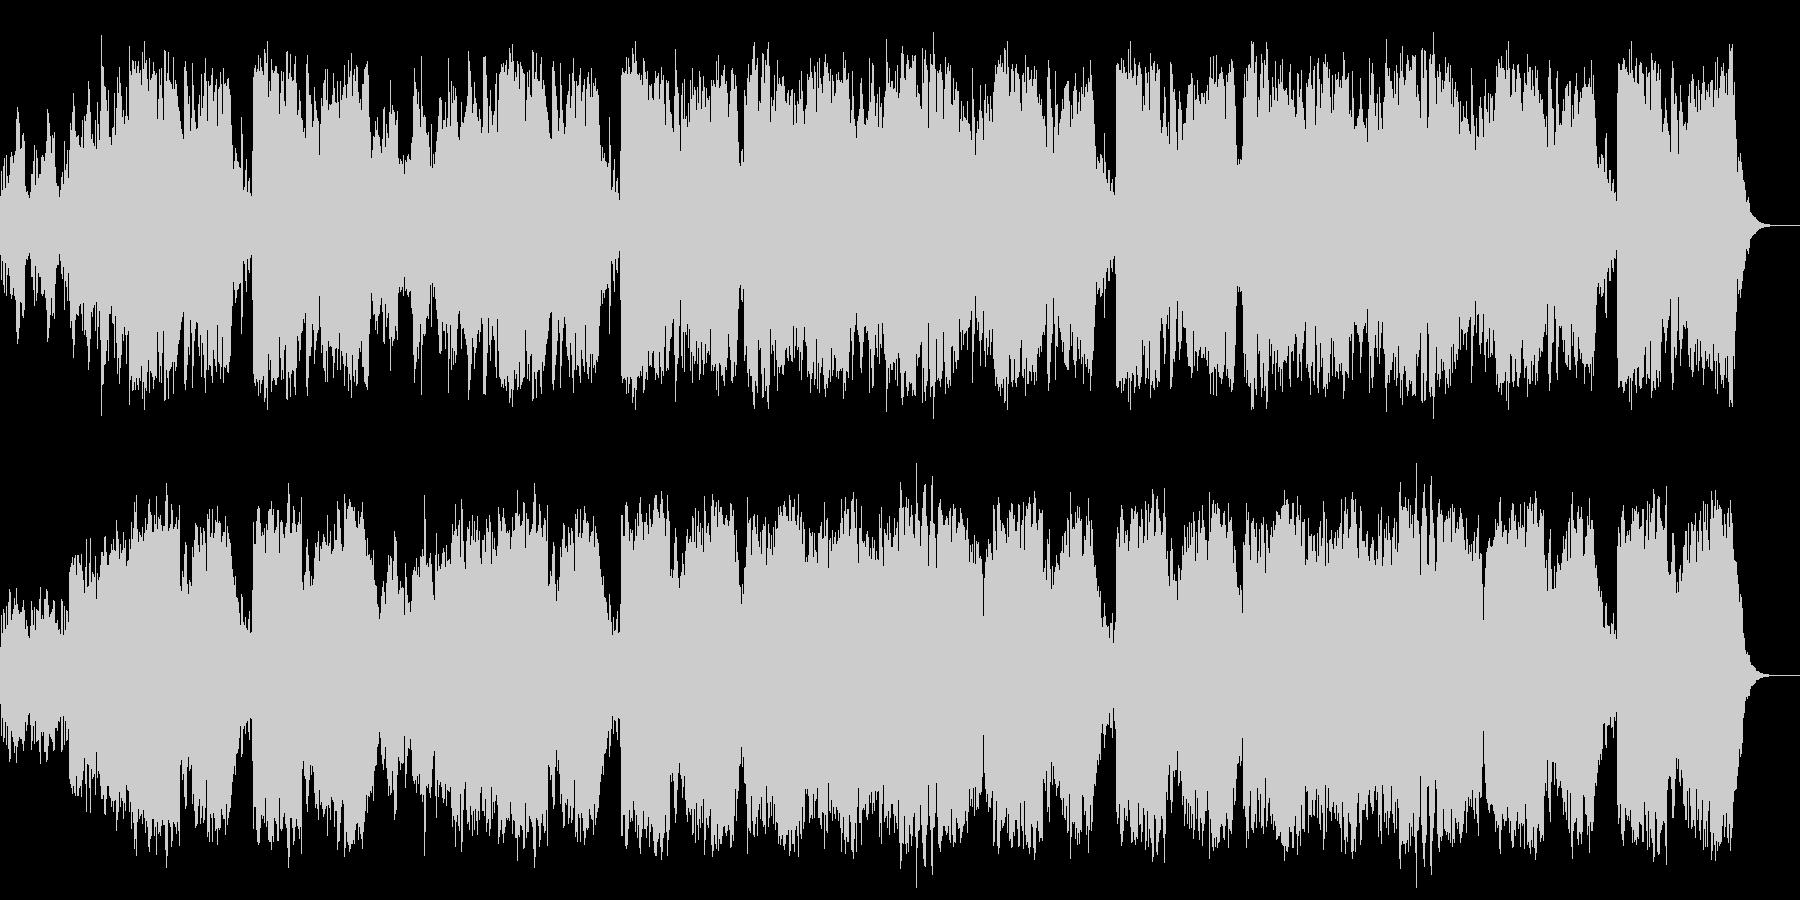 メンデルスゾーン結婚行進曲パイプオルガンの未再生の波形